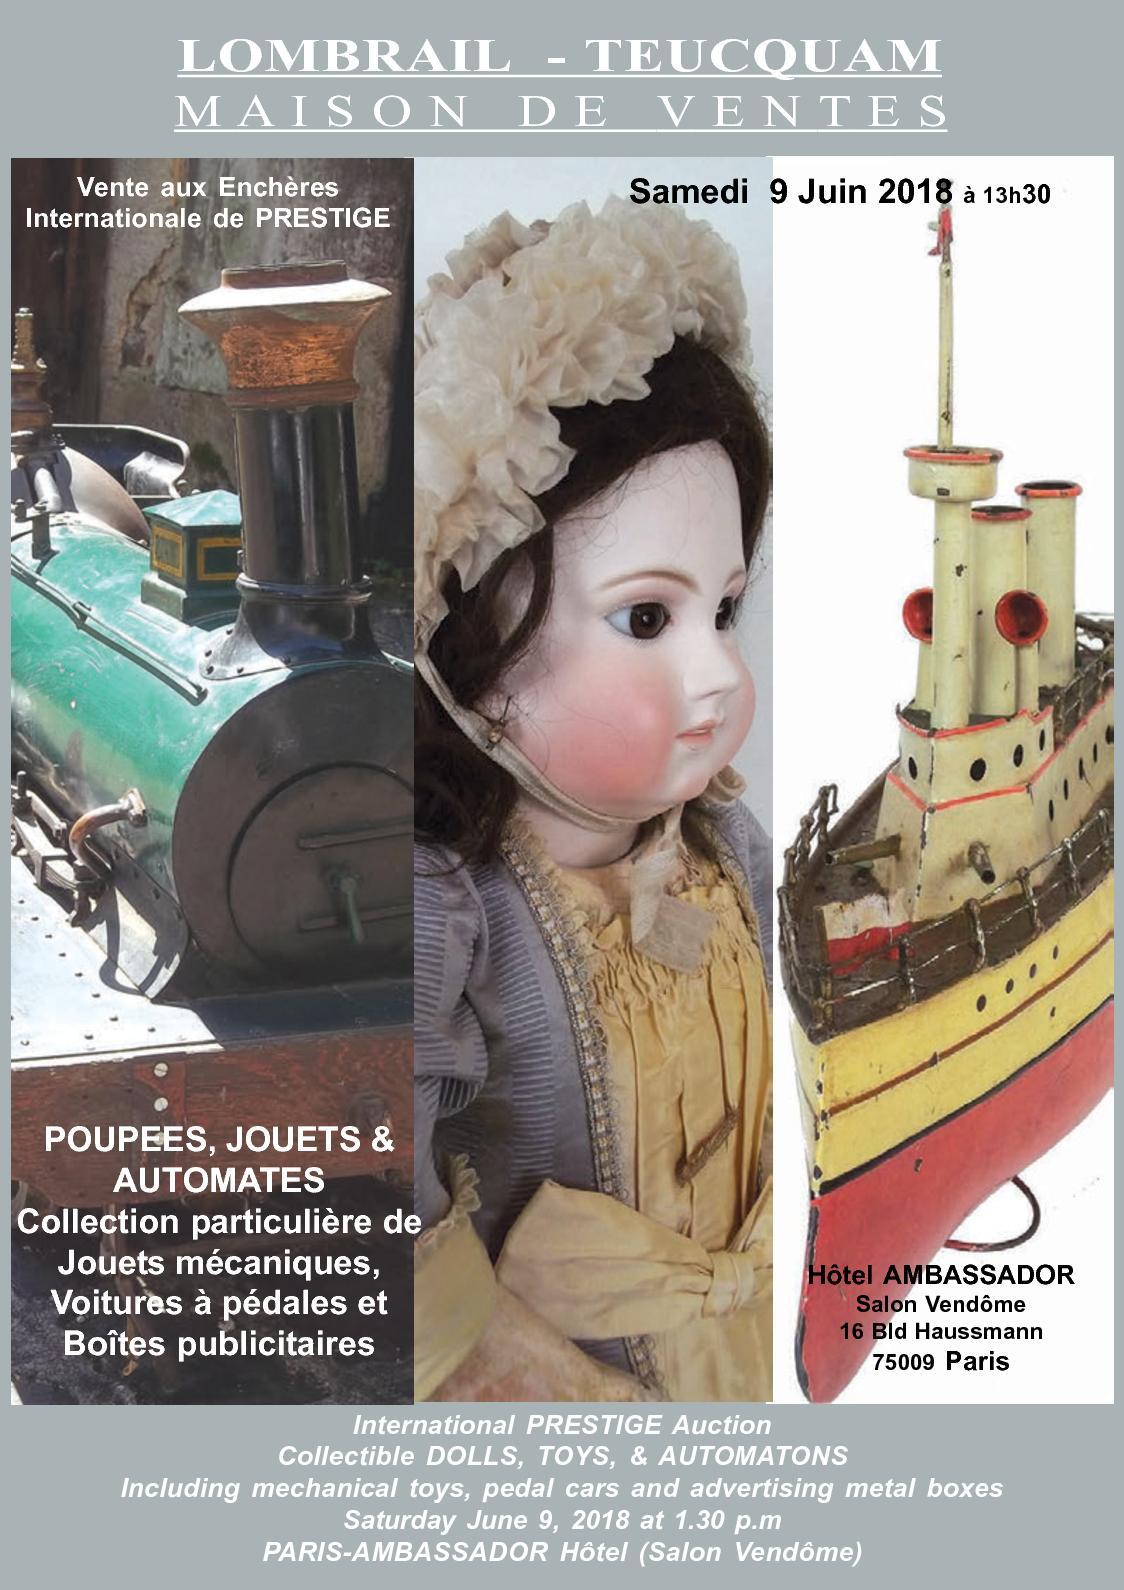 Chariot//Chariot de thé échelle 1:12 mahagonie poupée #02# miniature F D